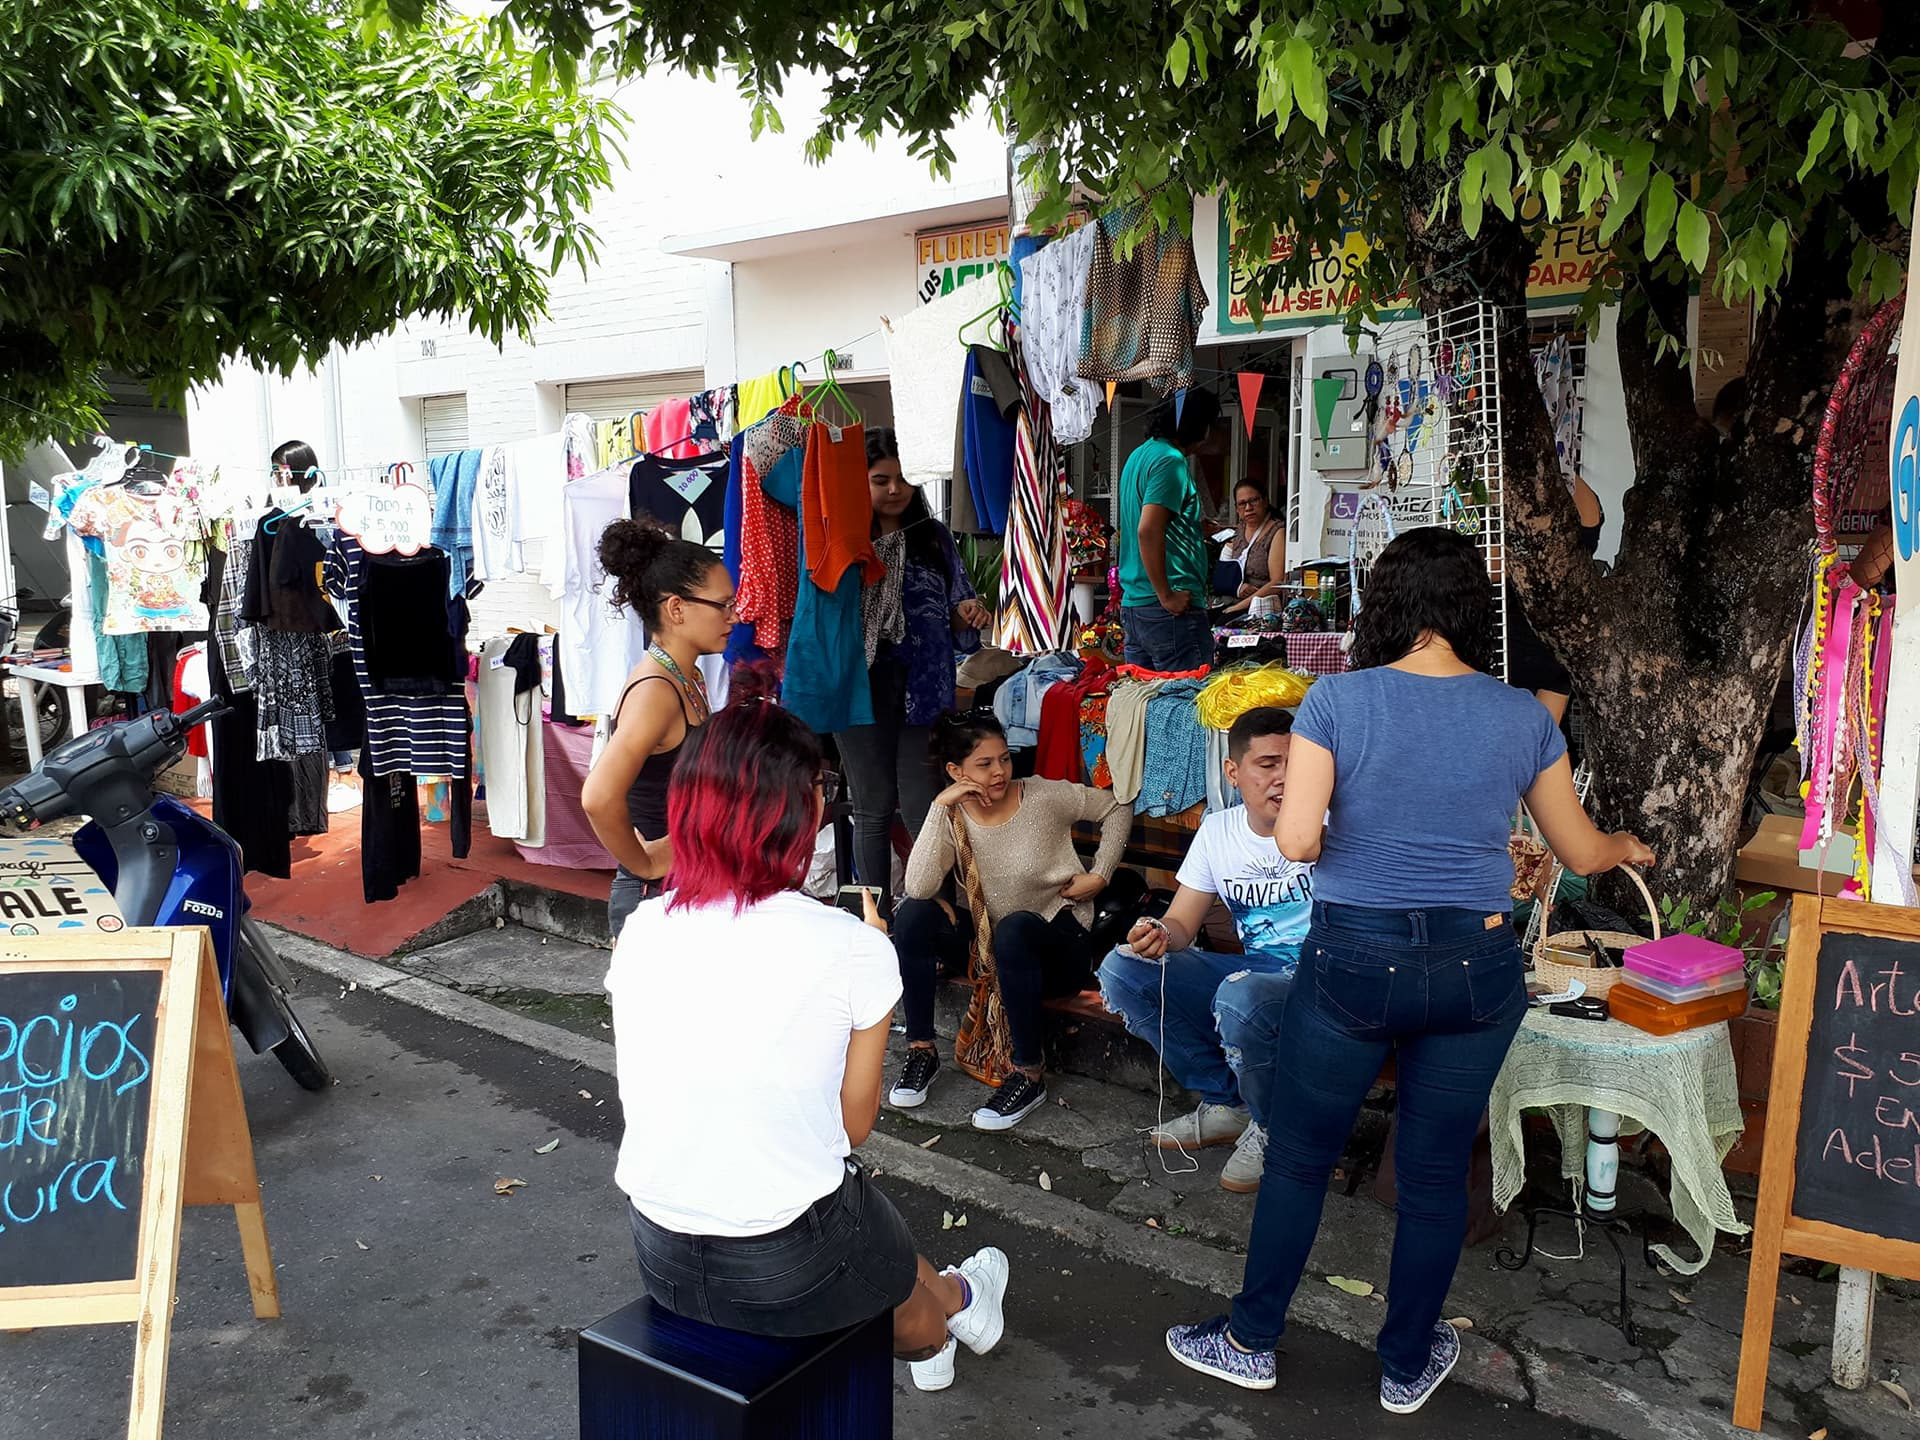 Prioridad a proveedores y mano de obra local pide la Cámara de Comercio de Barrancabermeja | Local | Economía | EL FRENTE